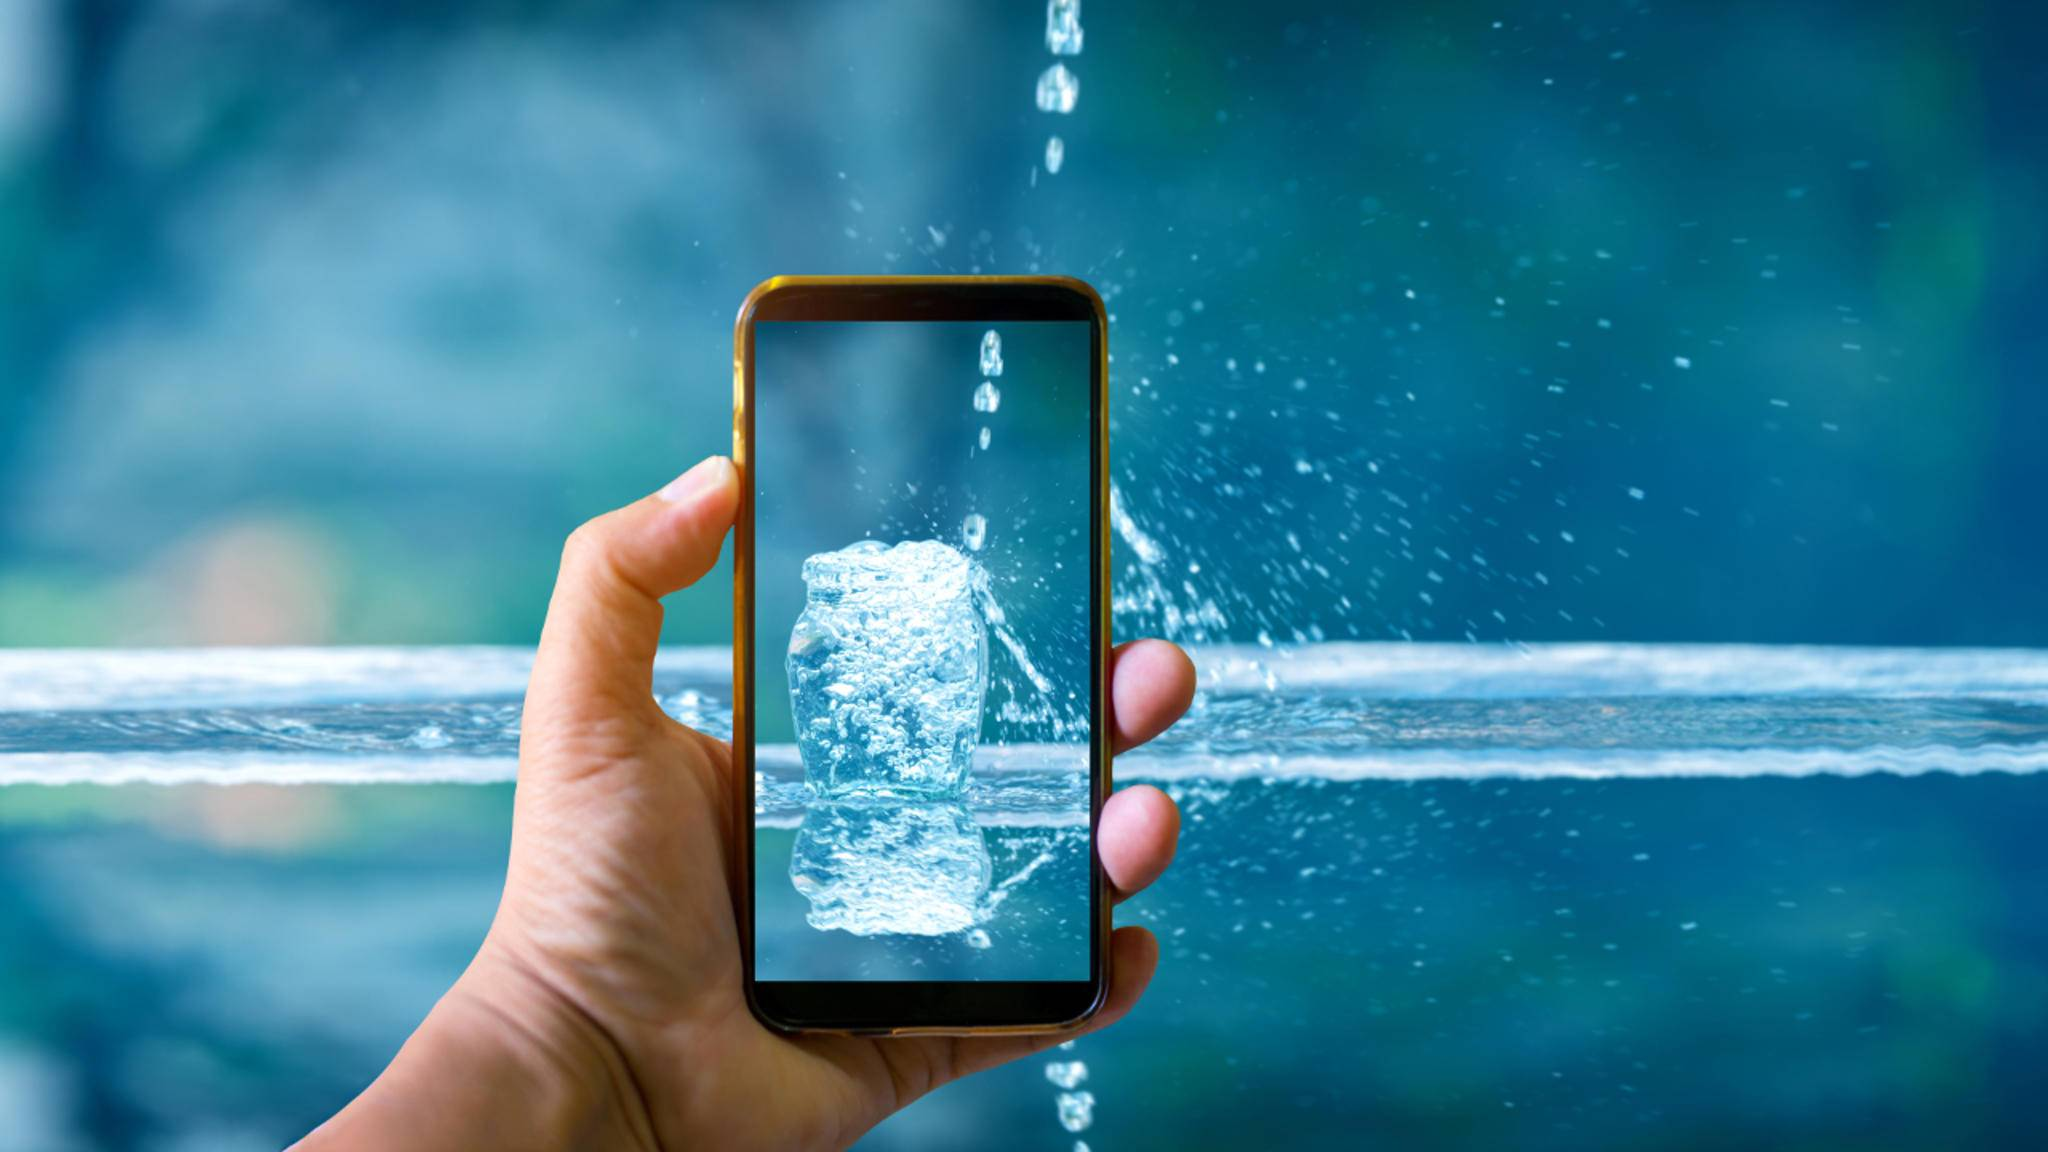 Hintergrund Wallpaper Smartphone